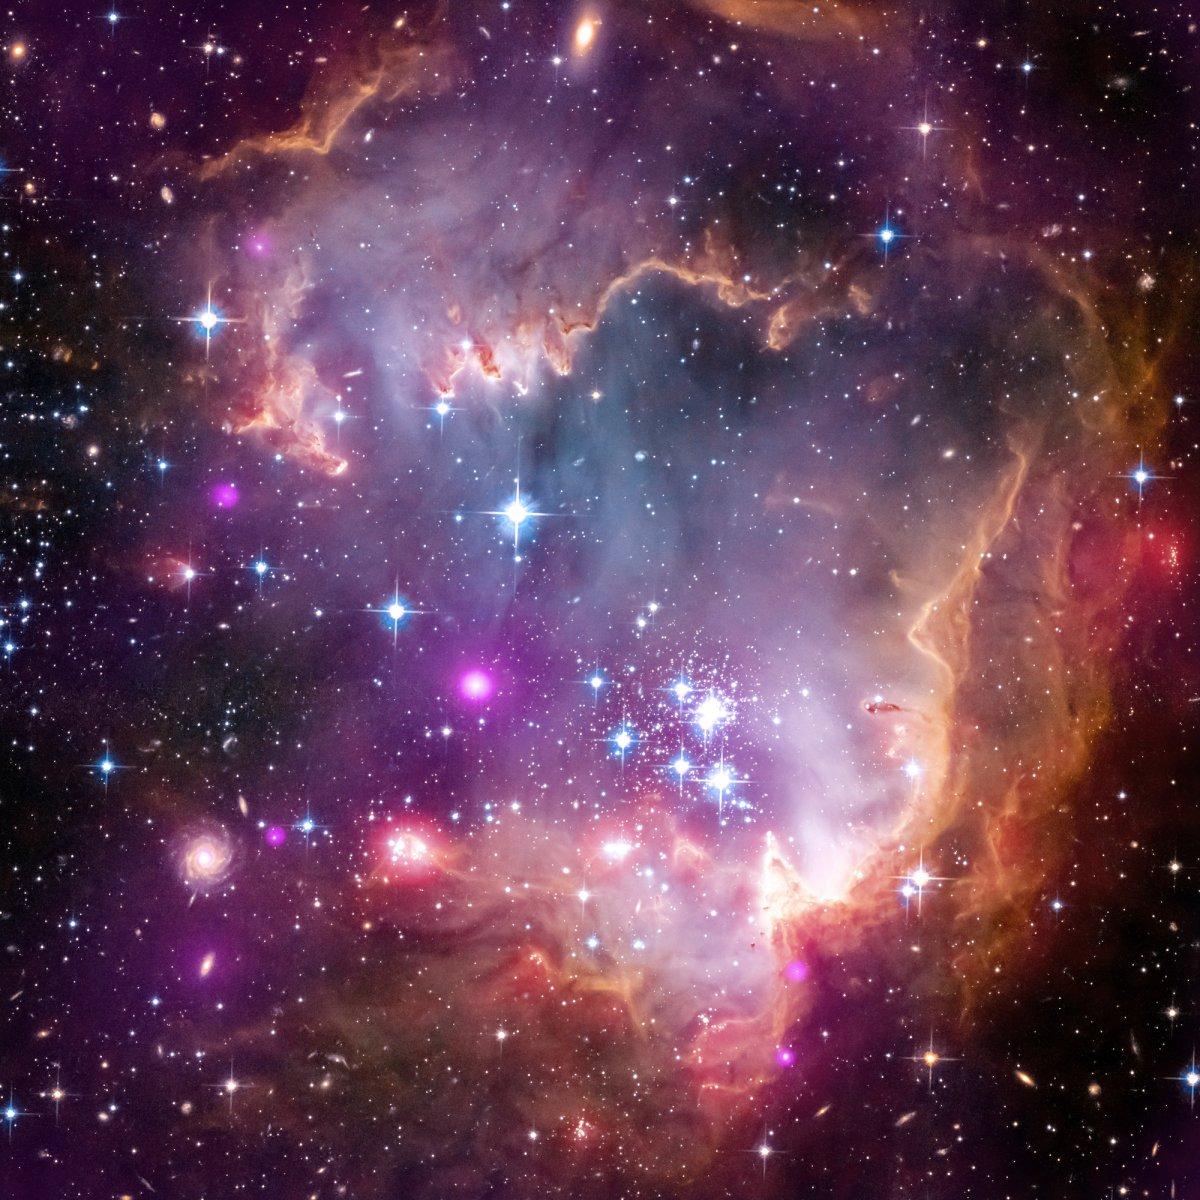 27 fotos deslumbrantes do nosso universo 08